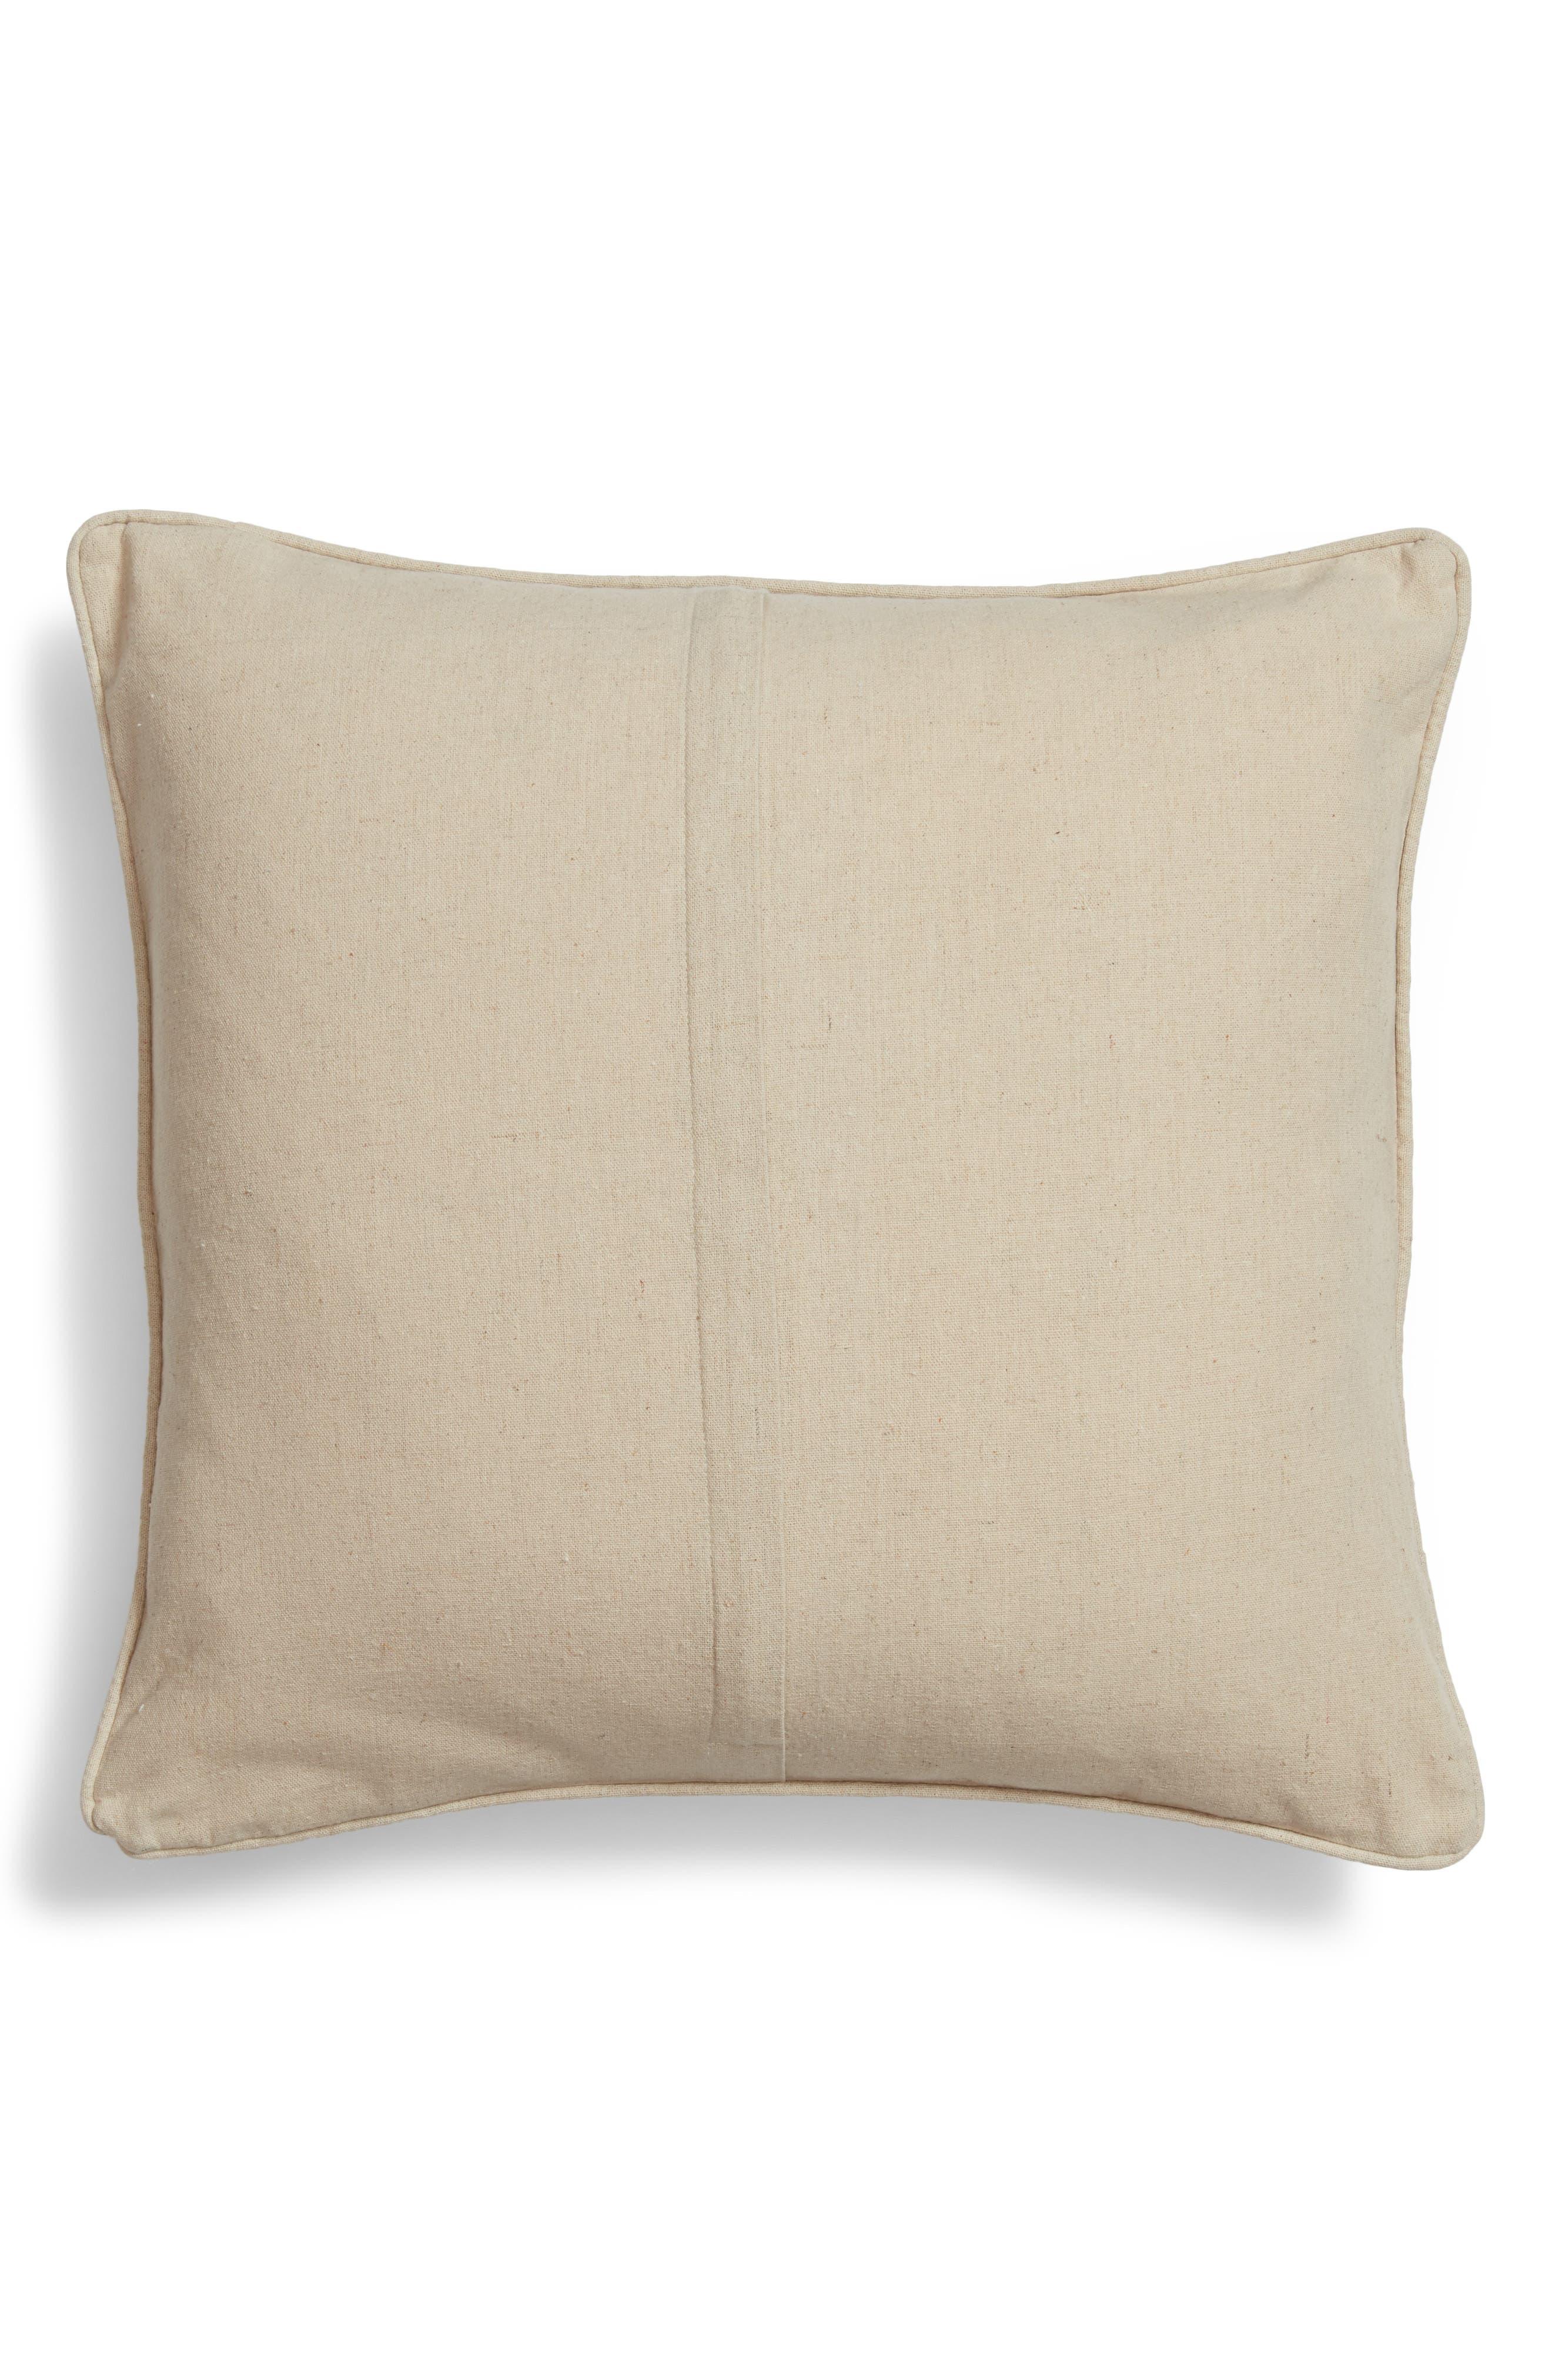 Honey Bunny Sequin Appliqué Accent Pillow,                             Alternate thumbnail 2, color,                             100